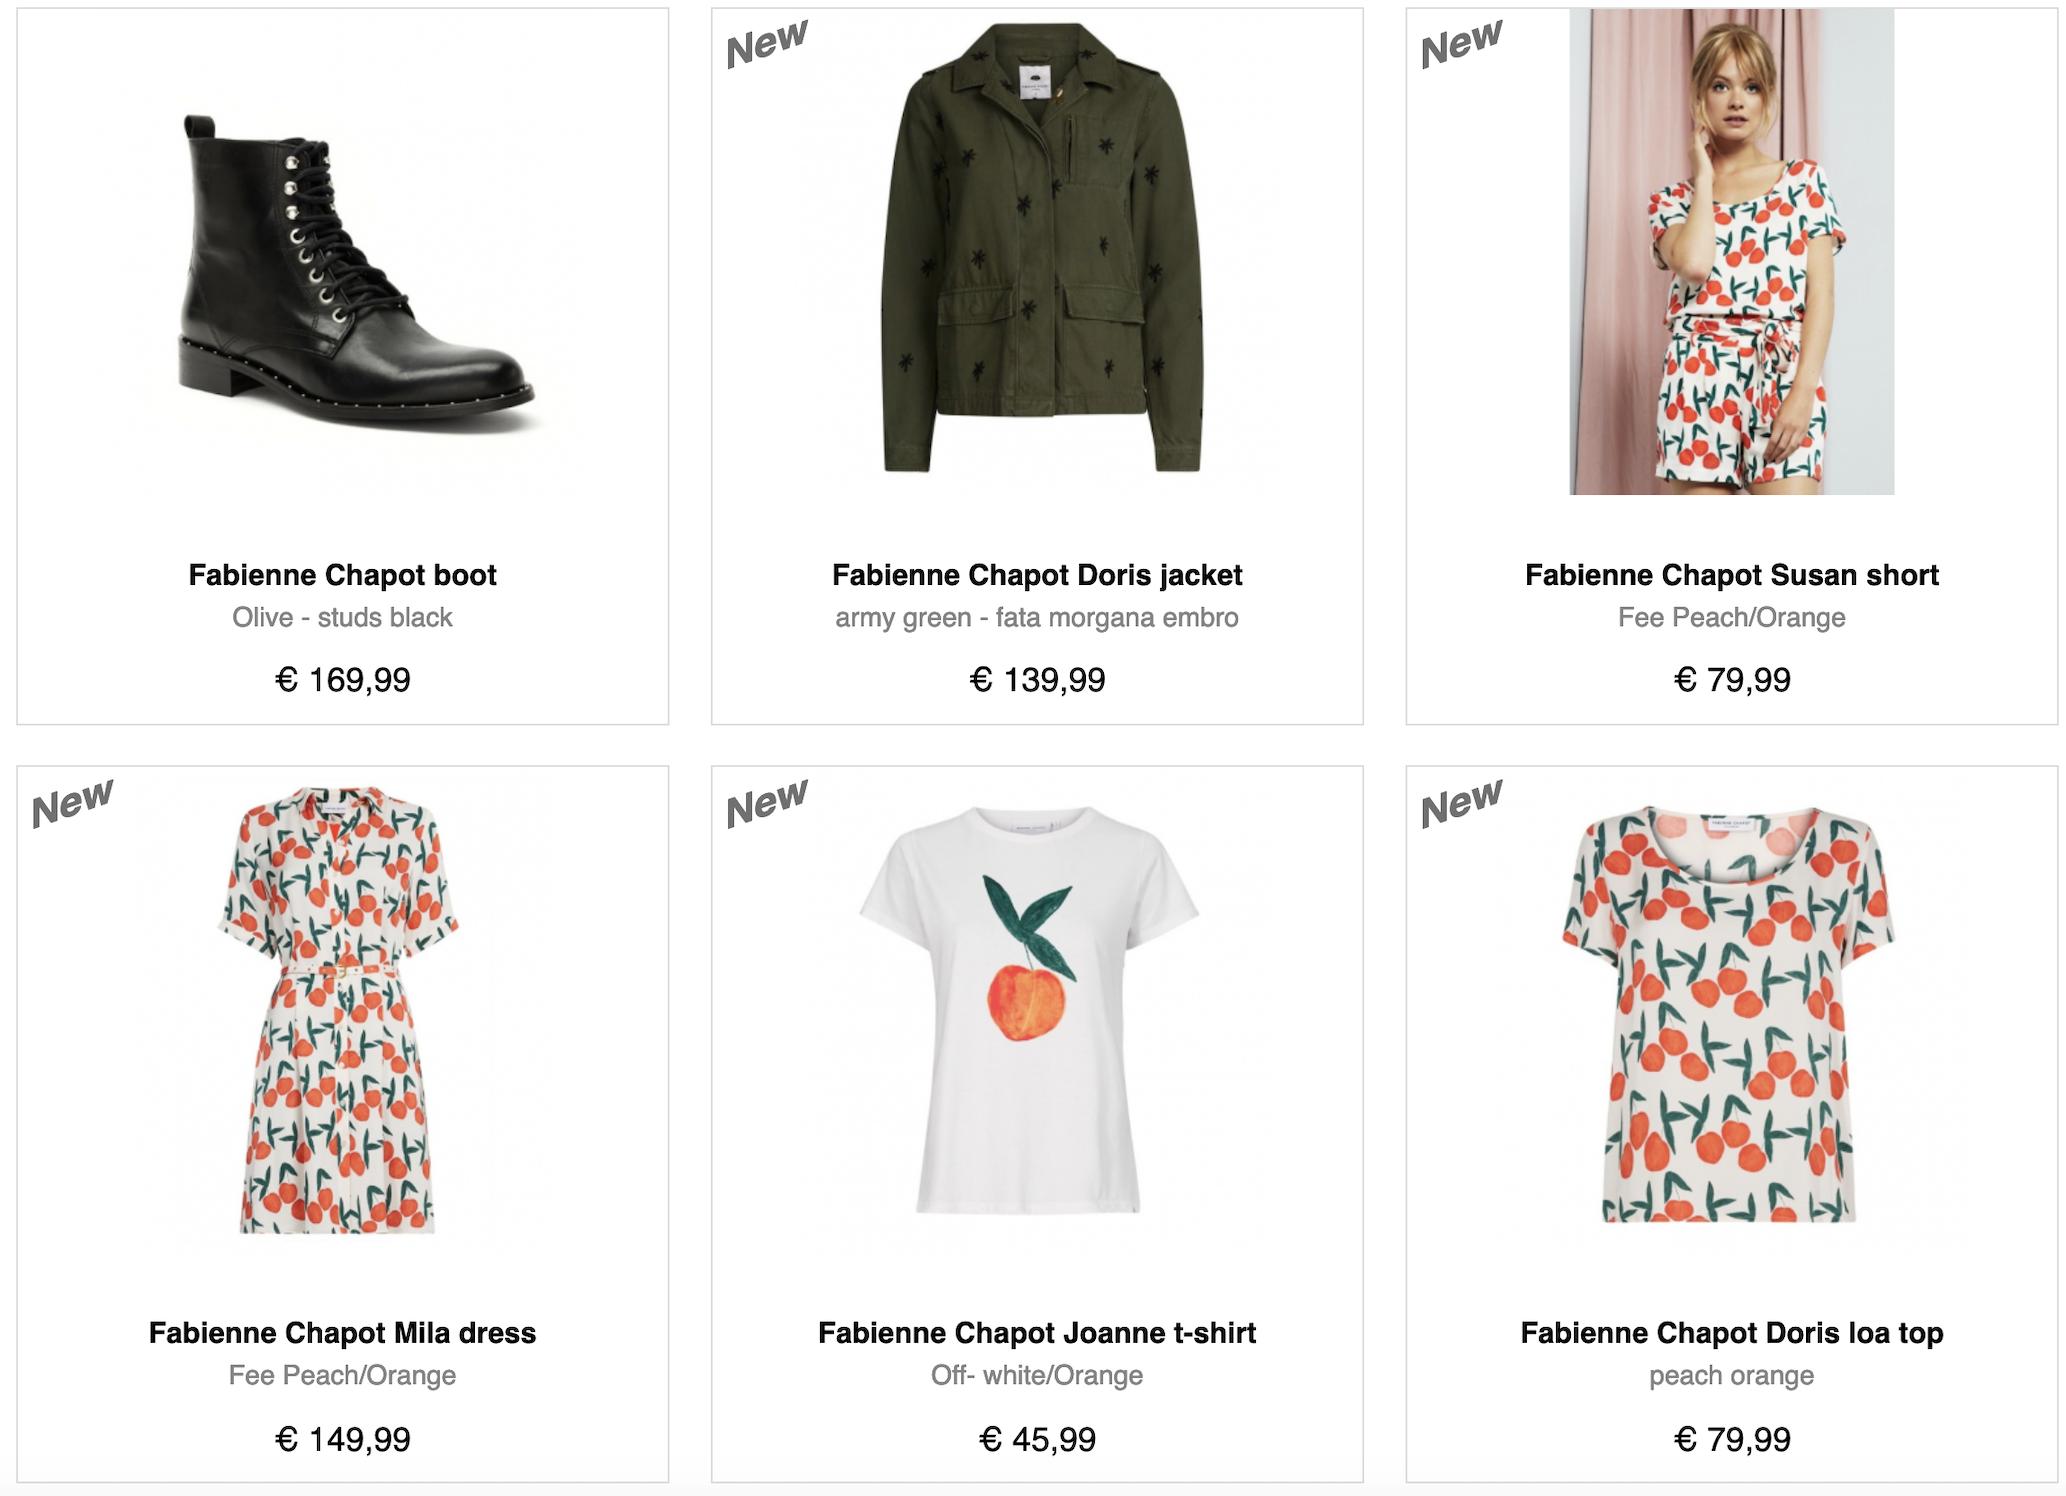 Fabienne Chapot kleding